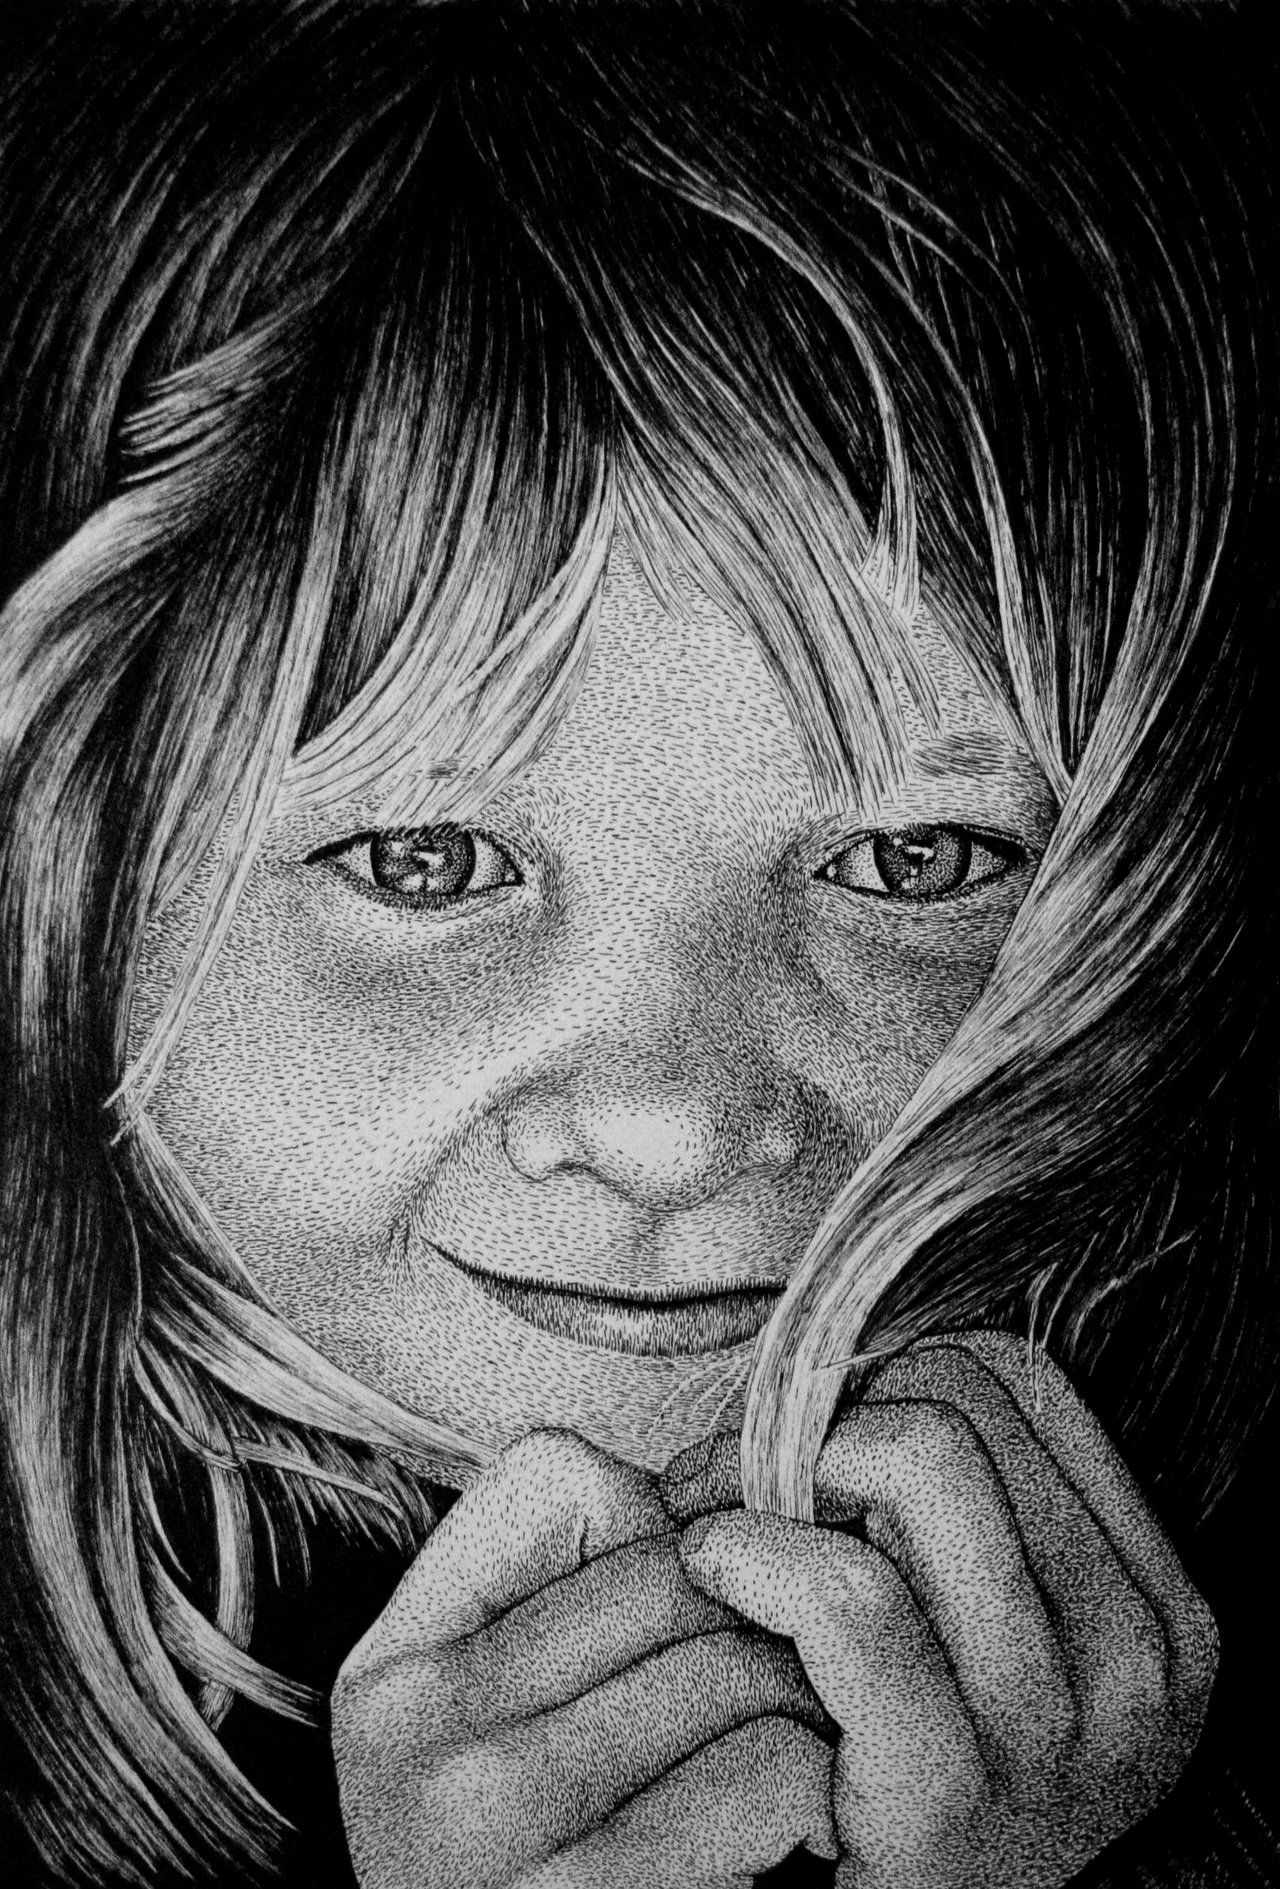 Connu Fonds D'écran Bébé Et Enfants en Noir et Blanc - MaximumWallHD IX82